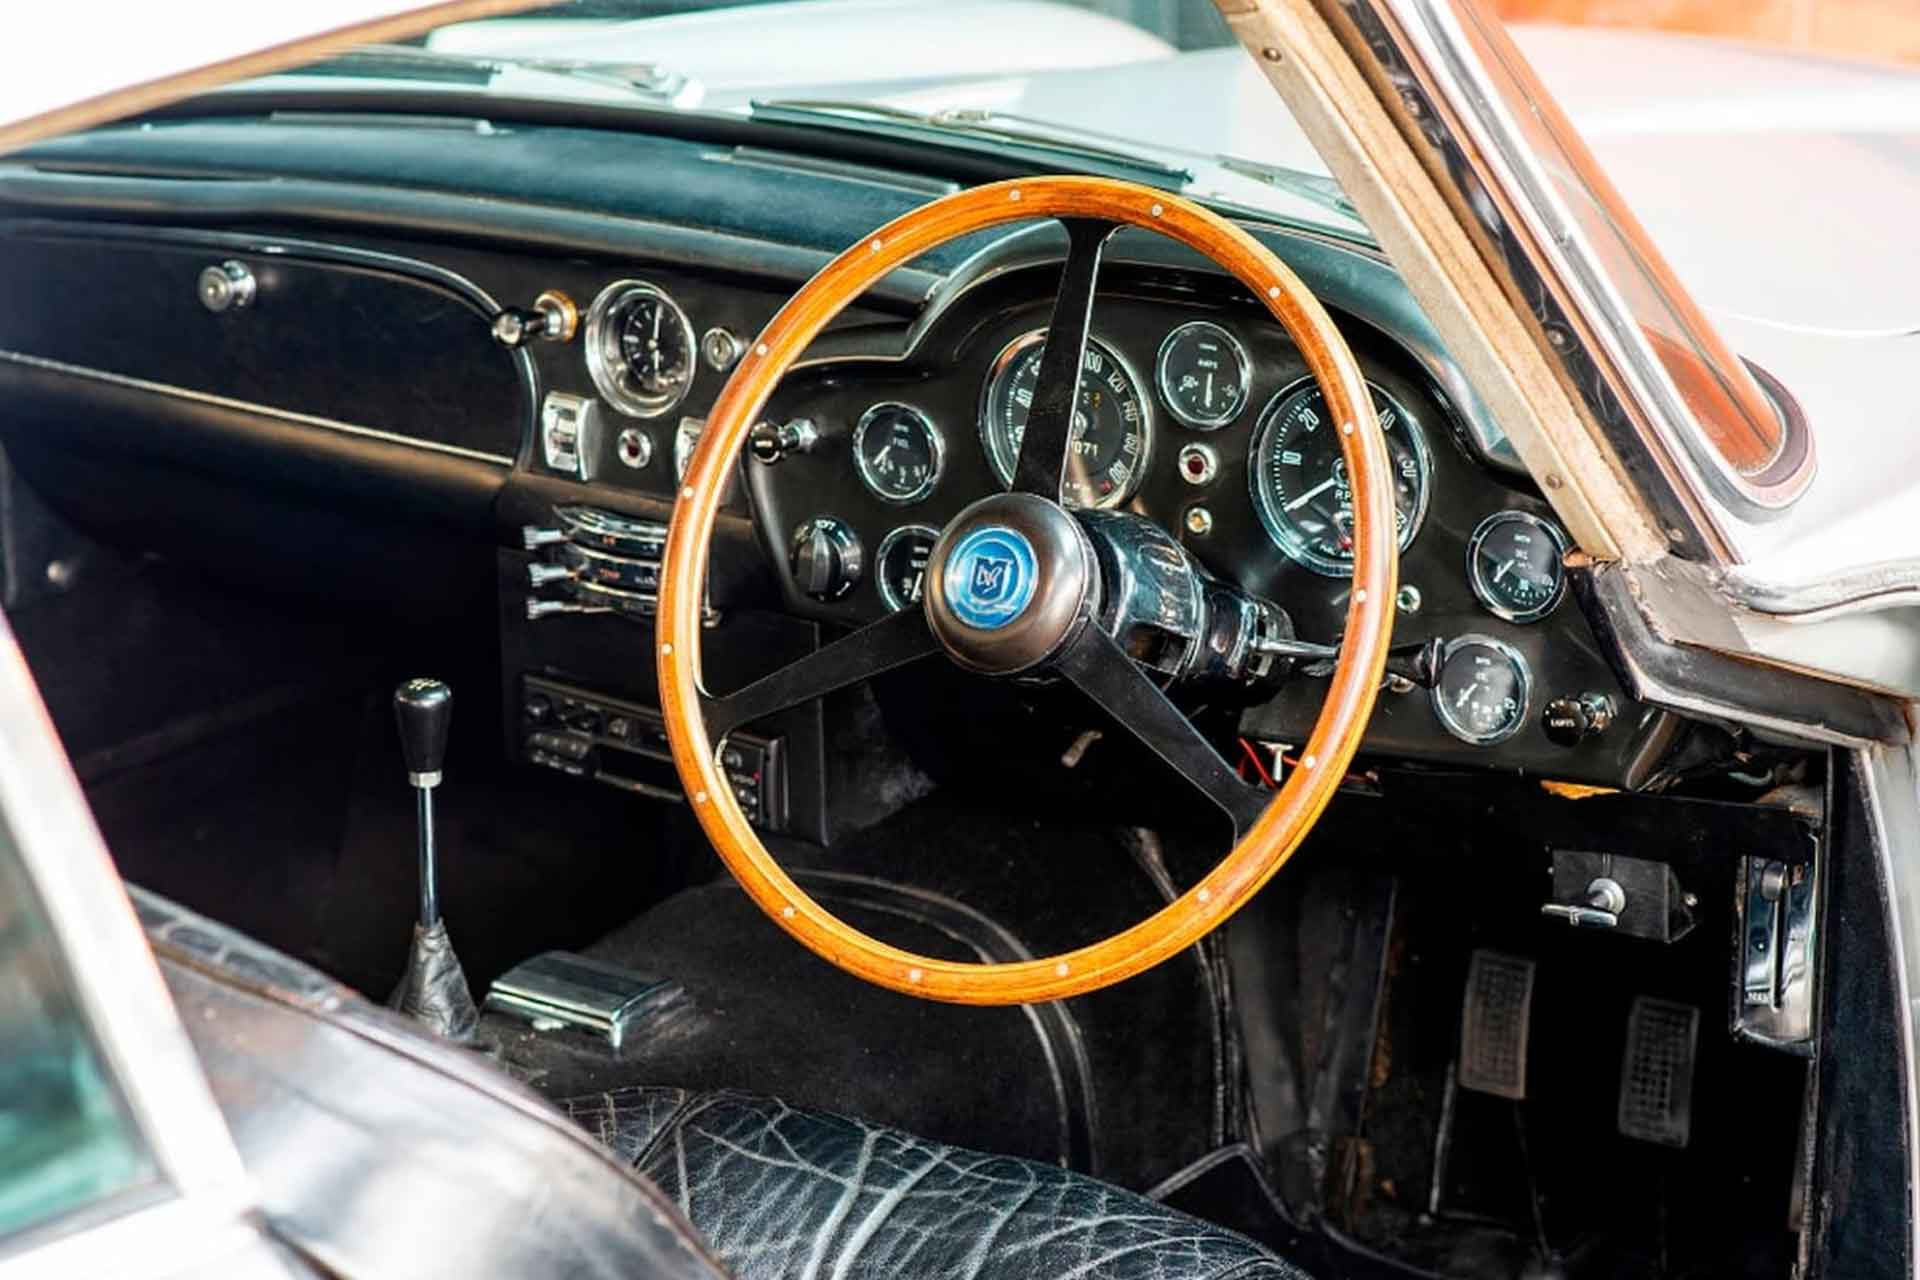 Fundstück der Woche: Ein Aston Martin DB5 Coupe von 1964 3